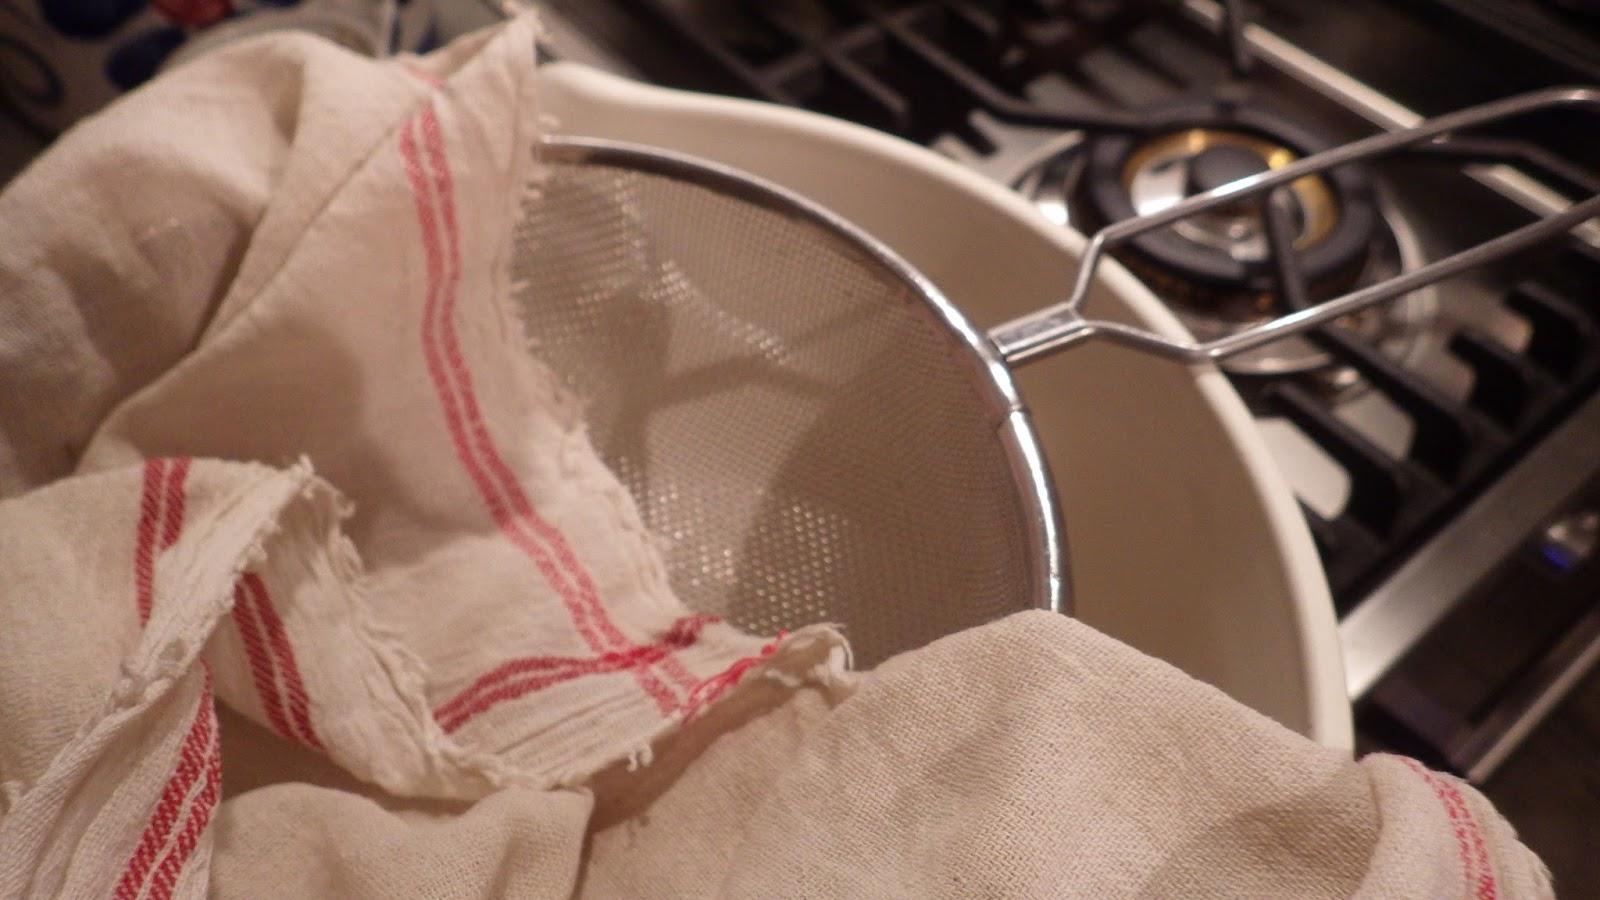 Moesker 39 s moestuin woensdagse winterpot - Hang een doek ...